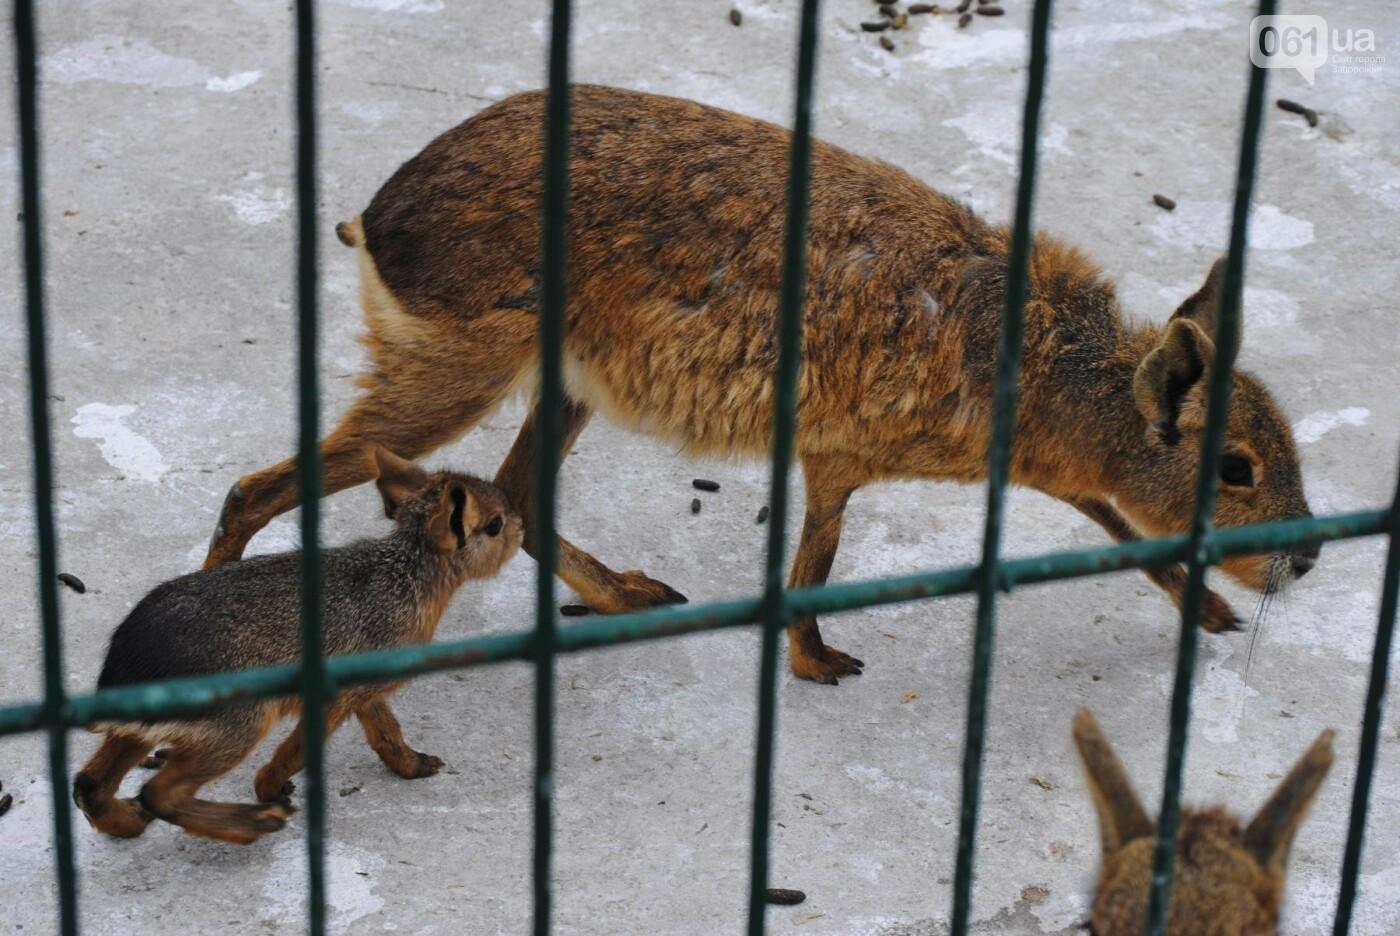 В бердянском зоопарке появились кенгуру: они любят хлеб и скоро станут ручными, - ФОТОРЕПОРТАЖ, фото-23